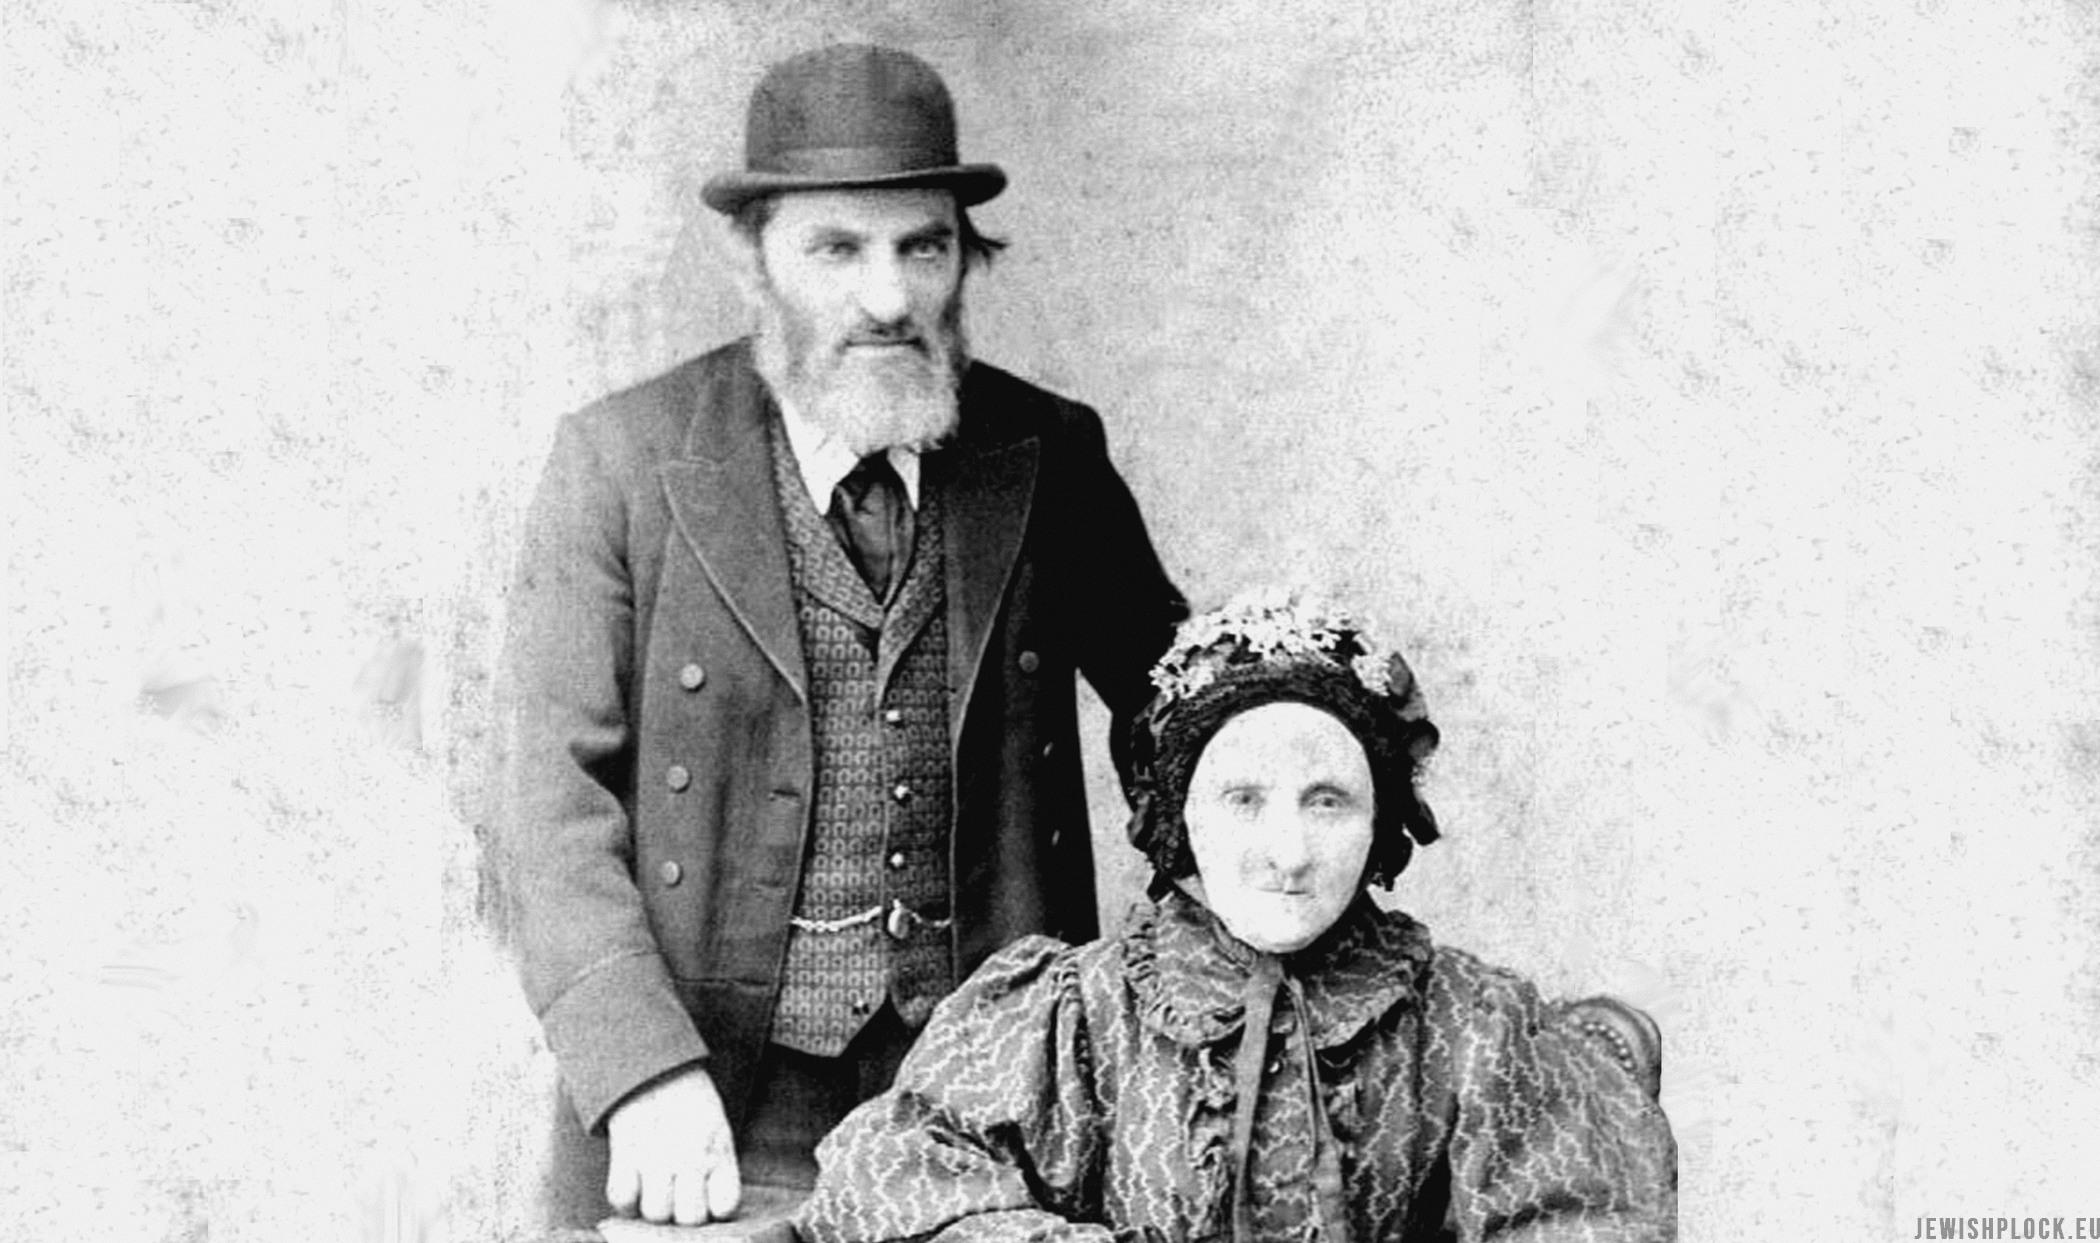 The Berliner family, JewishPlock.eu